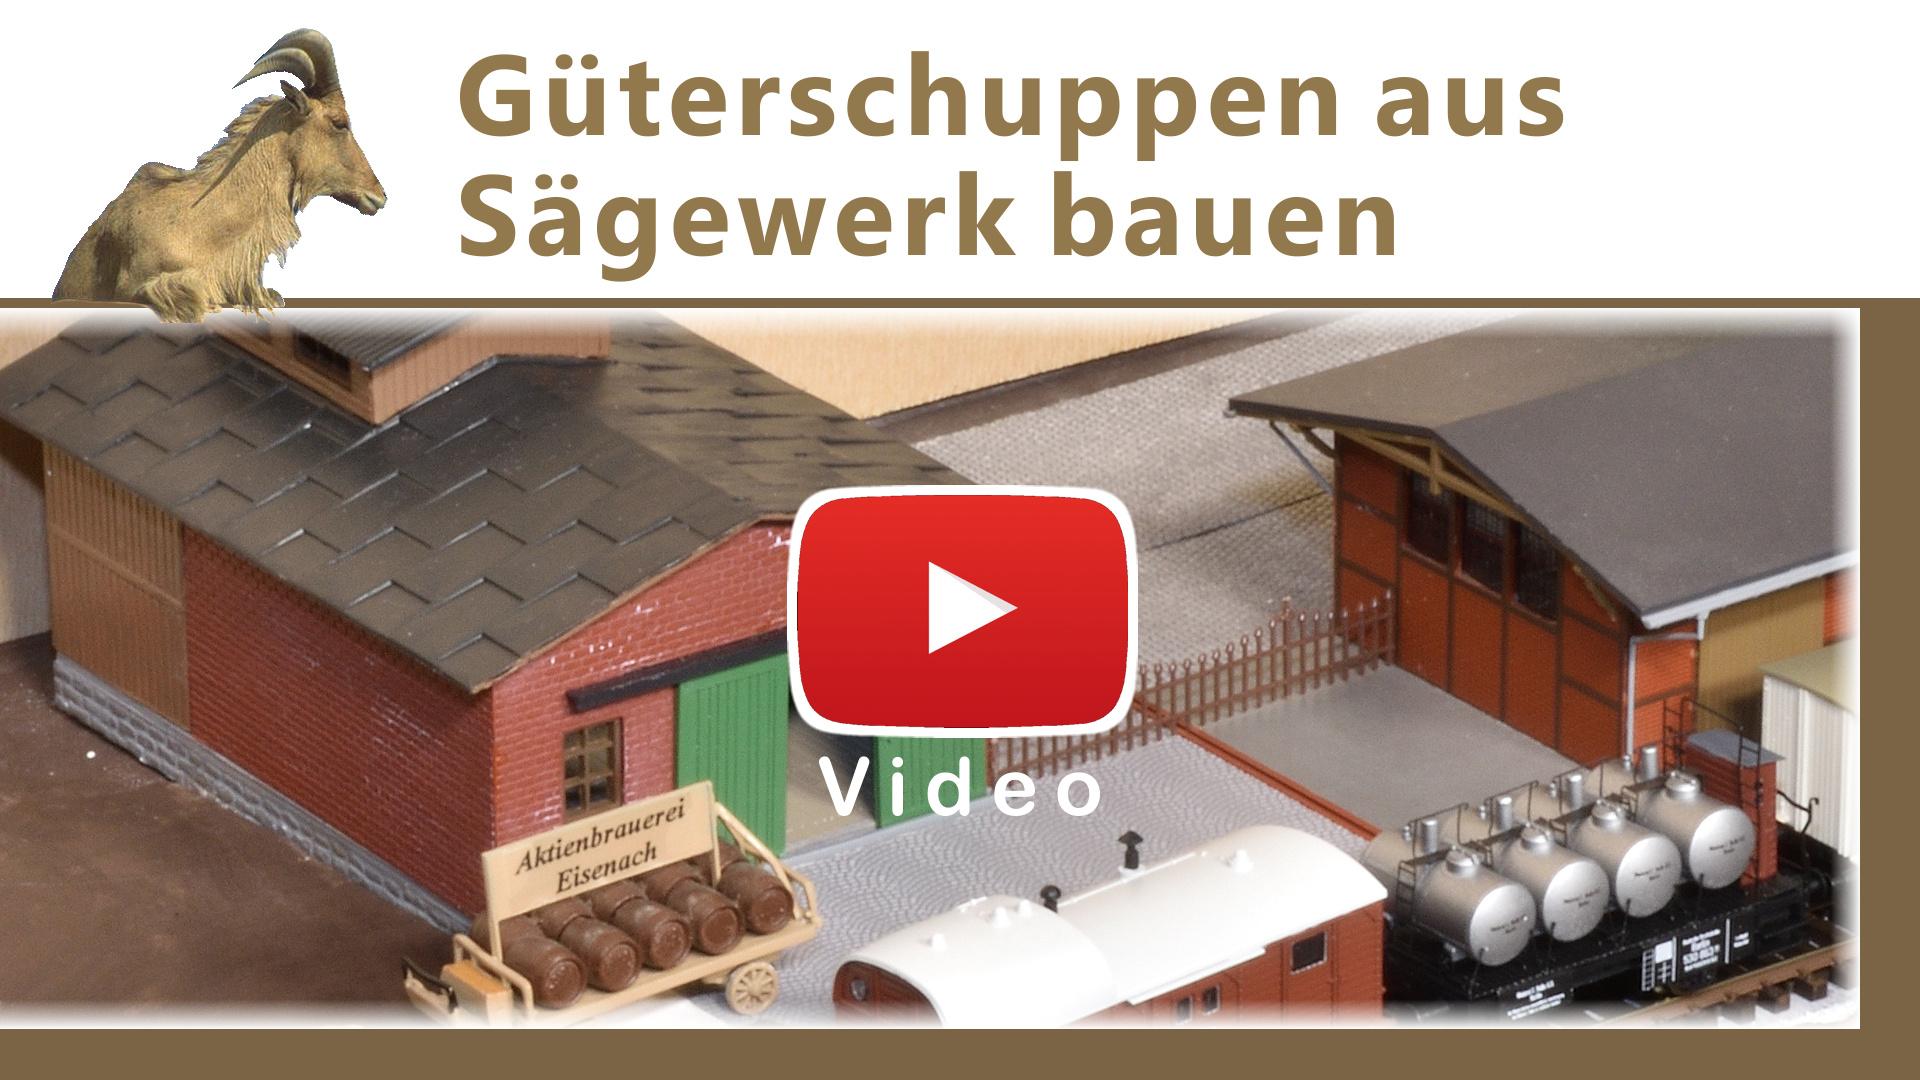 Video: Güterschuppen aus einerm Sägewerk bauen